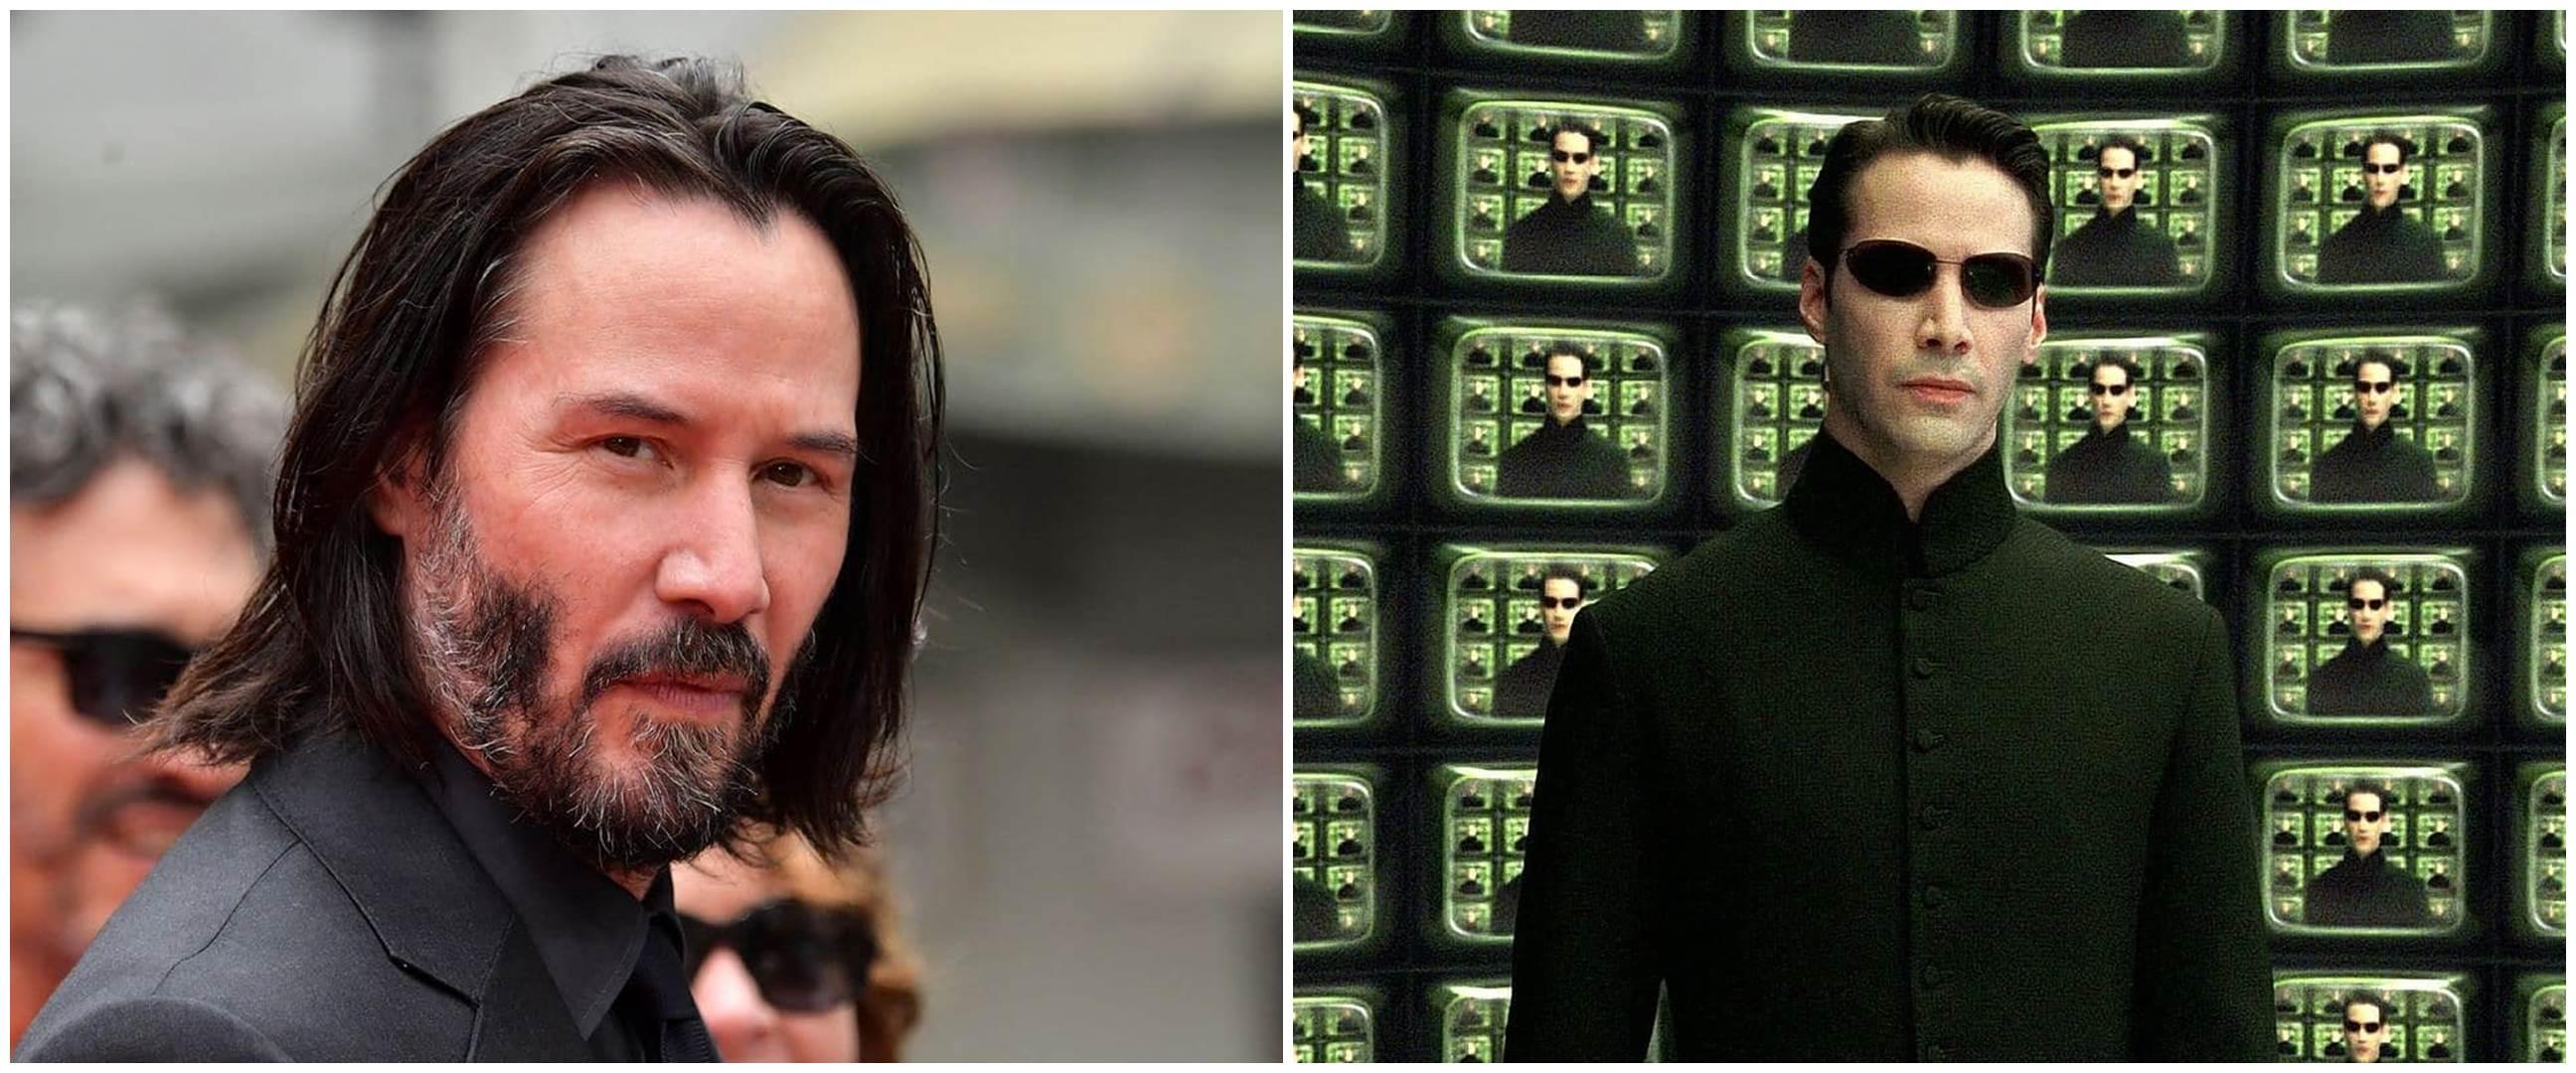 Dibintangi Keanu Reeves, Matrix 4 dan John Wick 4 rilis bareng